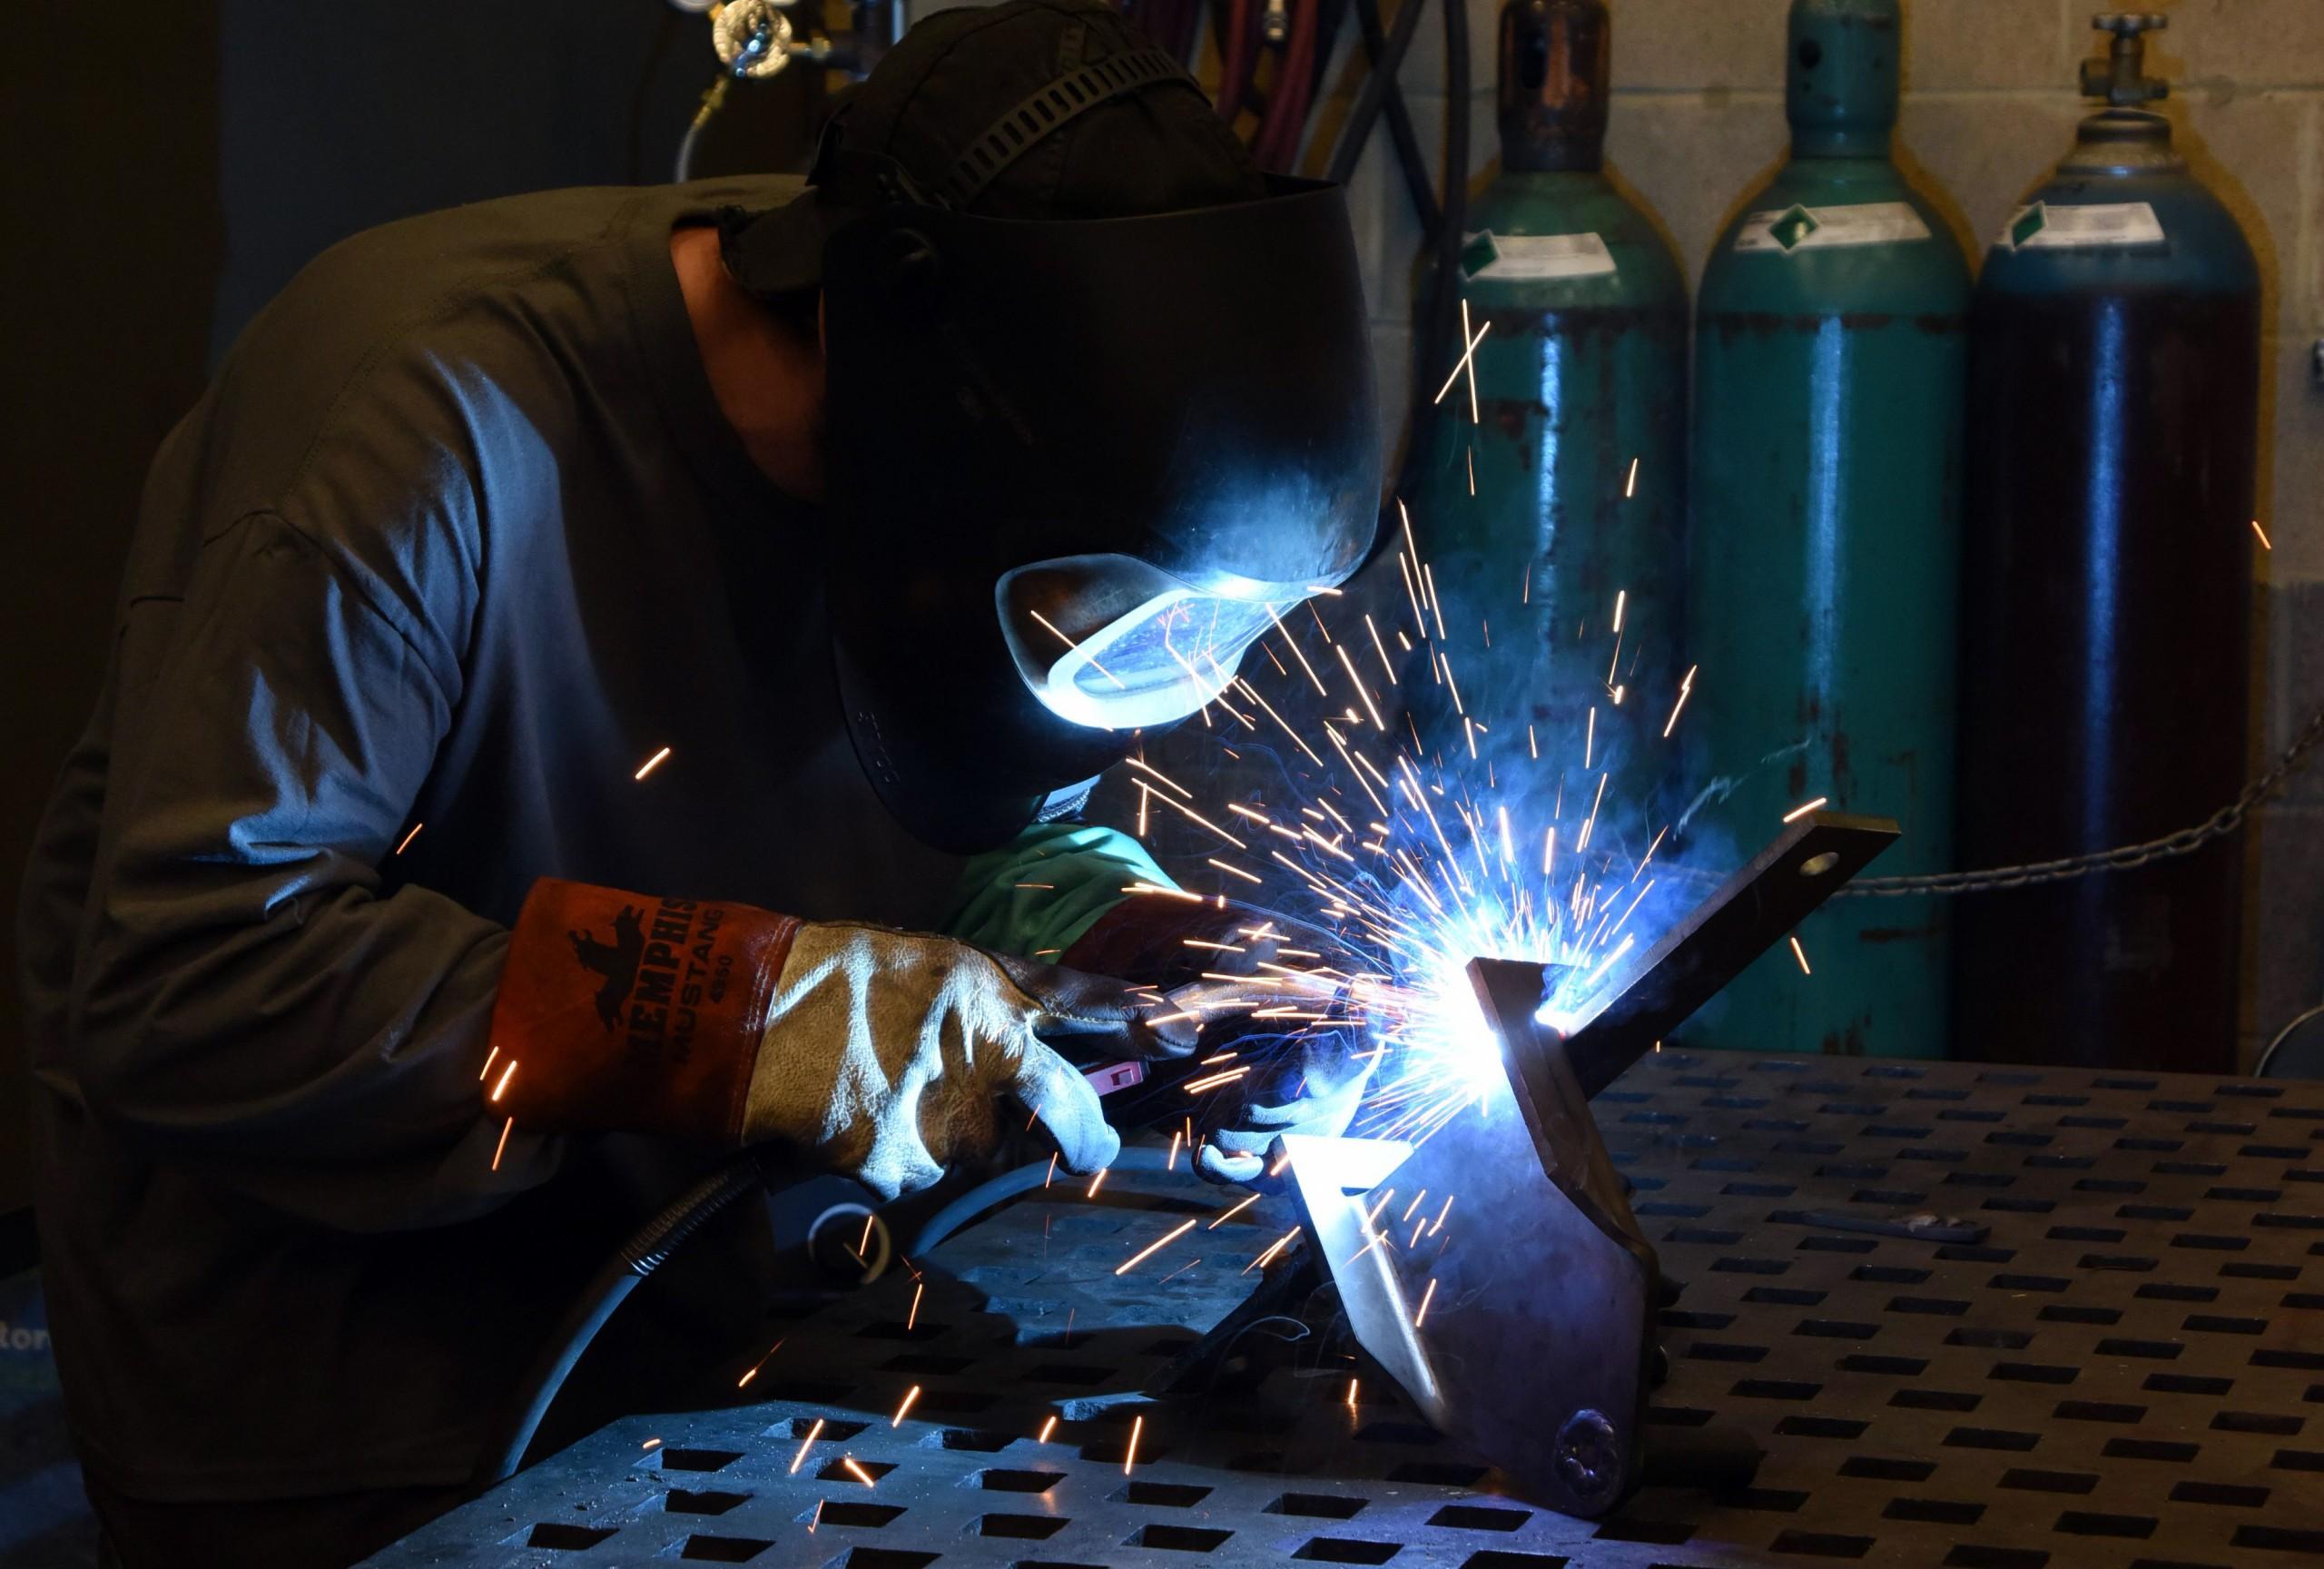 Specialty Welding